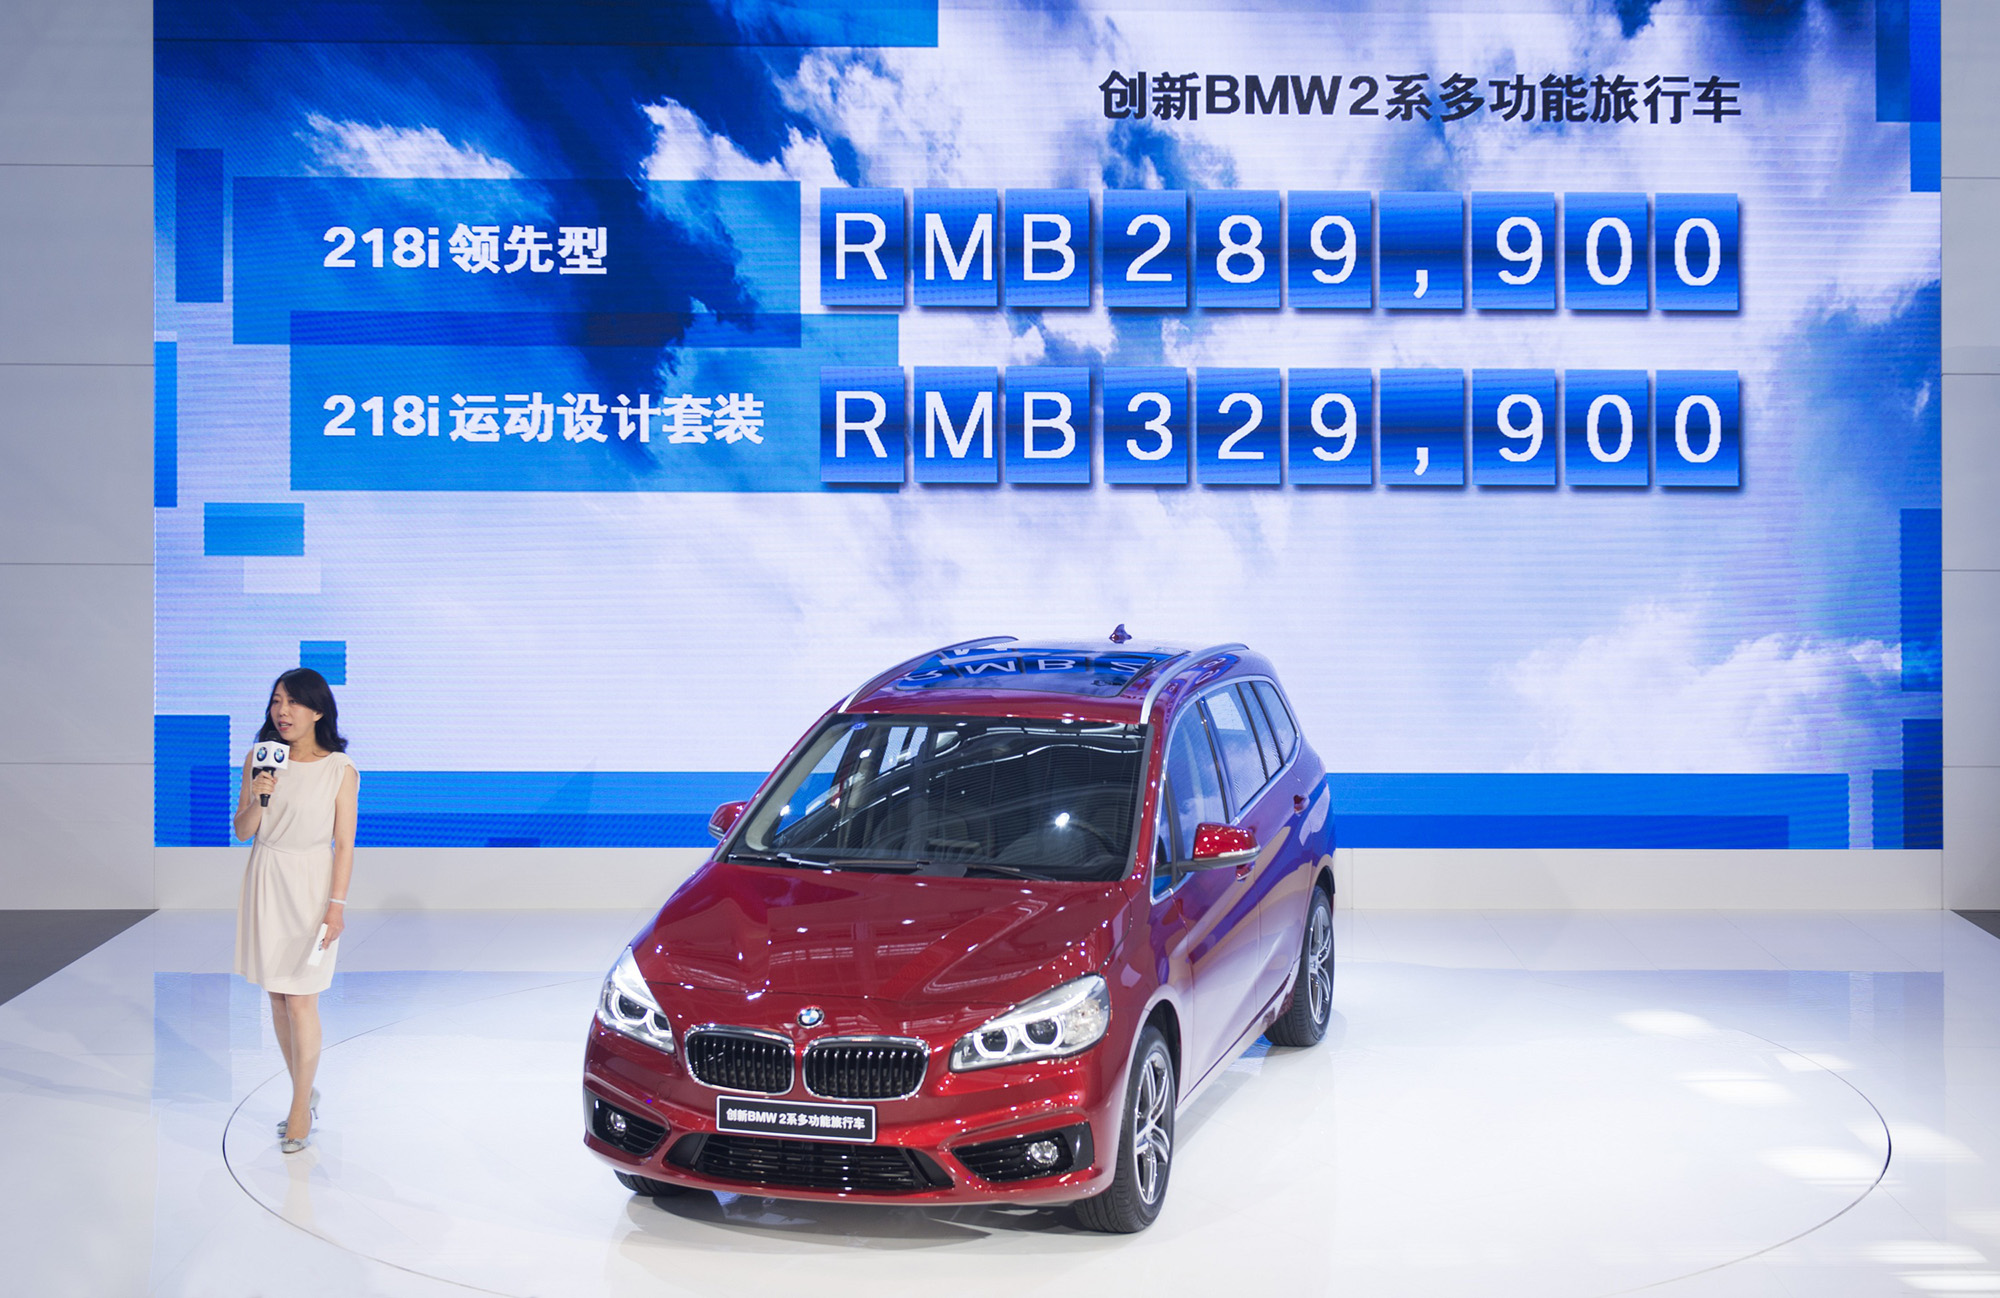 28.99~32.99万元 BMW 2系多功能旅行车活力上市